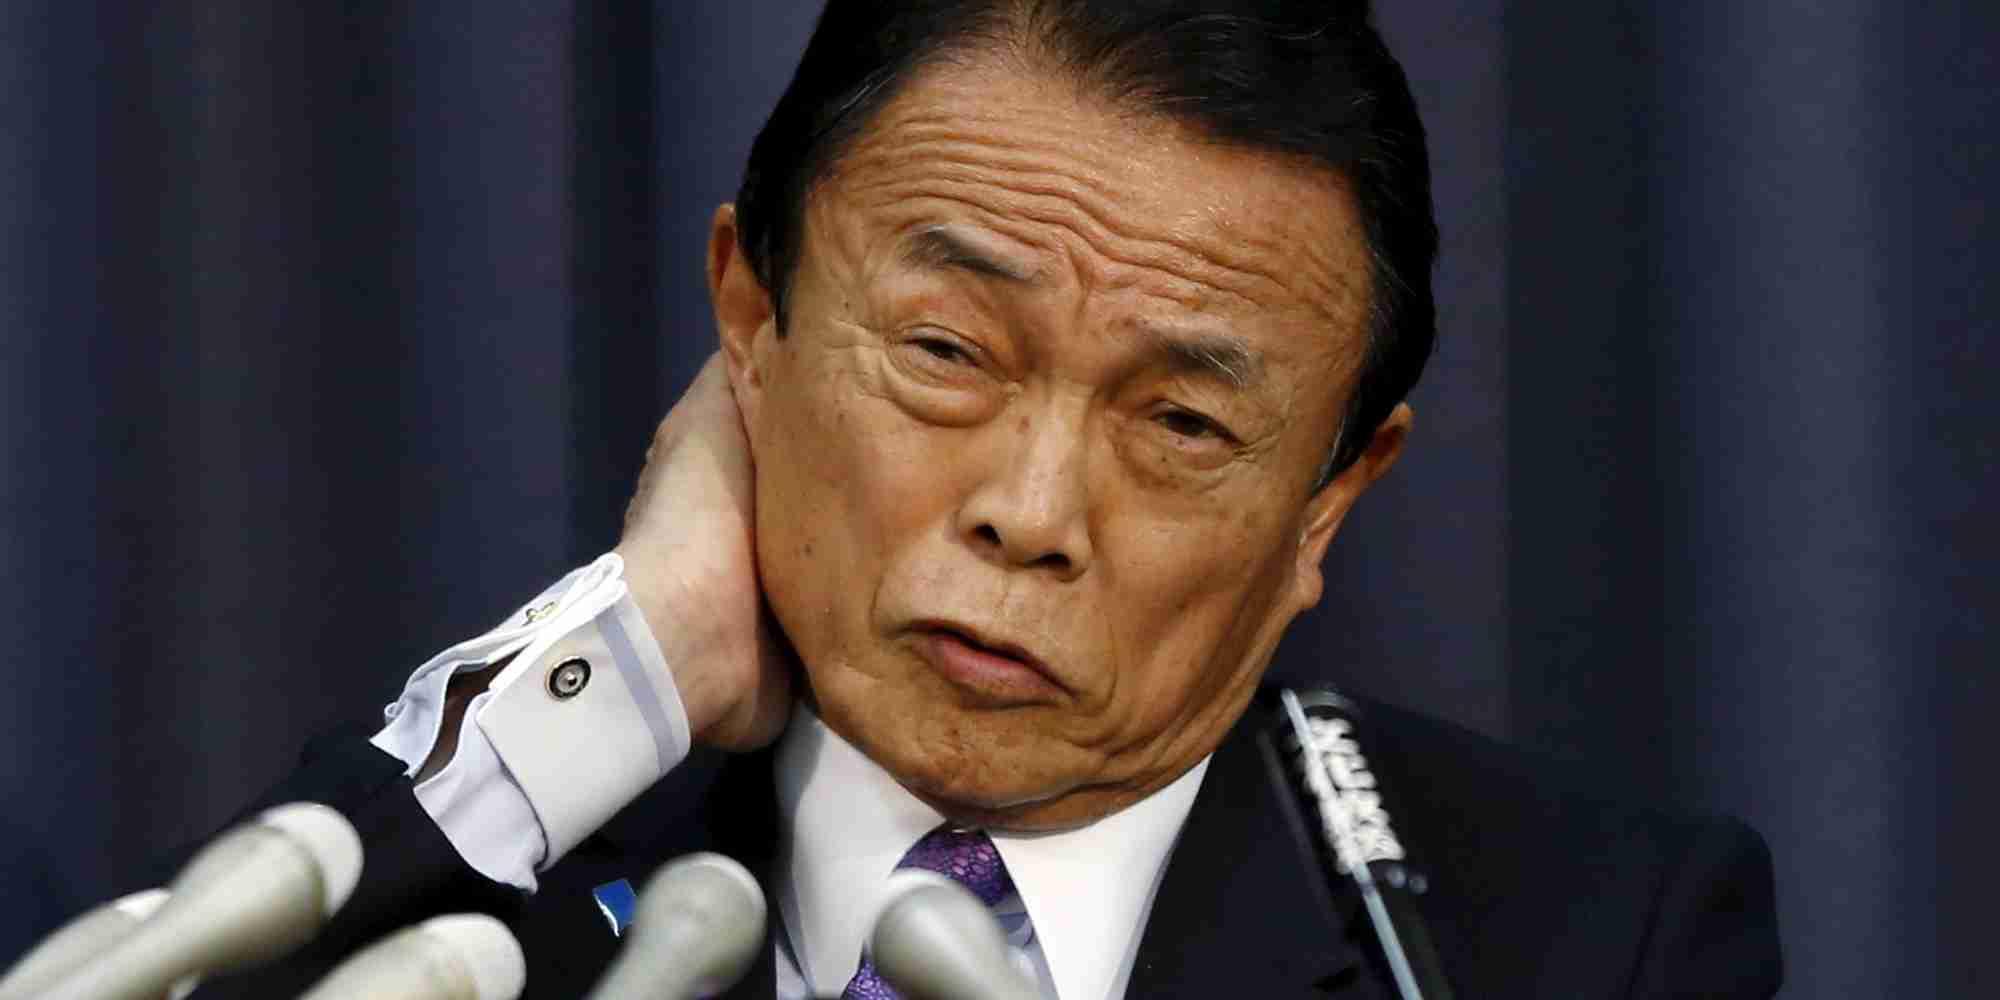 麻生太郎氏「韓国に金を貸せば返ってこないかも」 韓国側は反発【通貨協定めぐり】